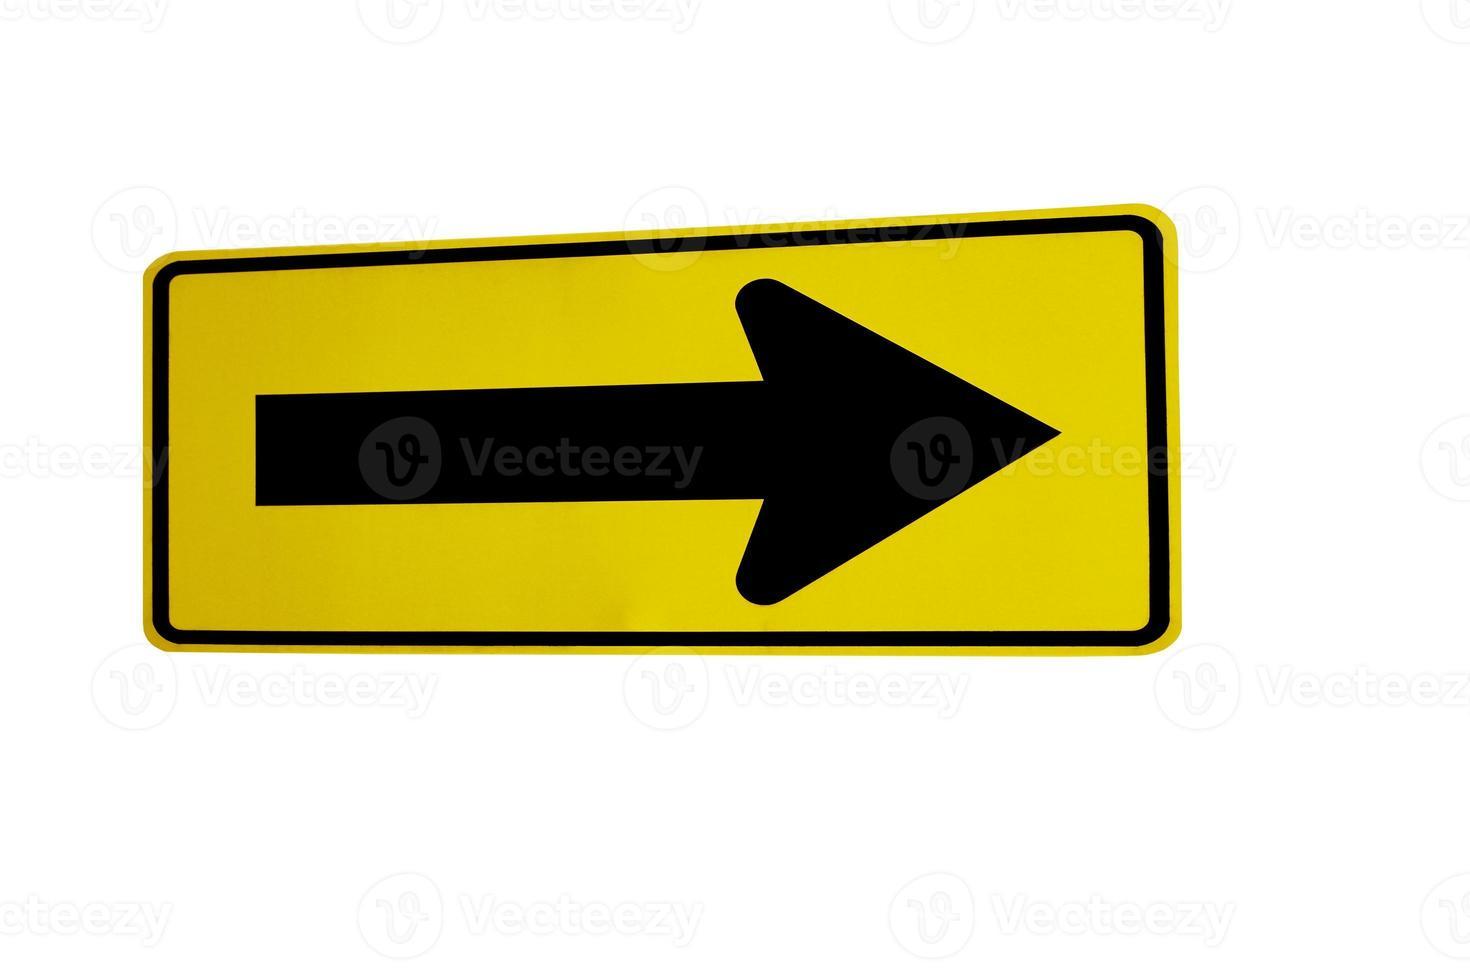 panneau routier directionnel photo